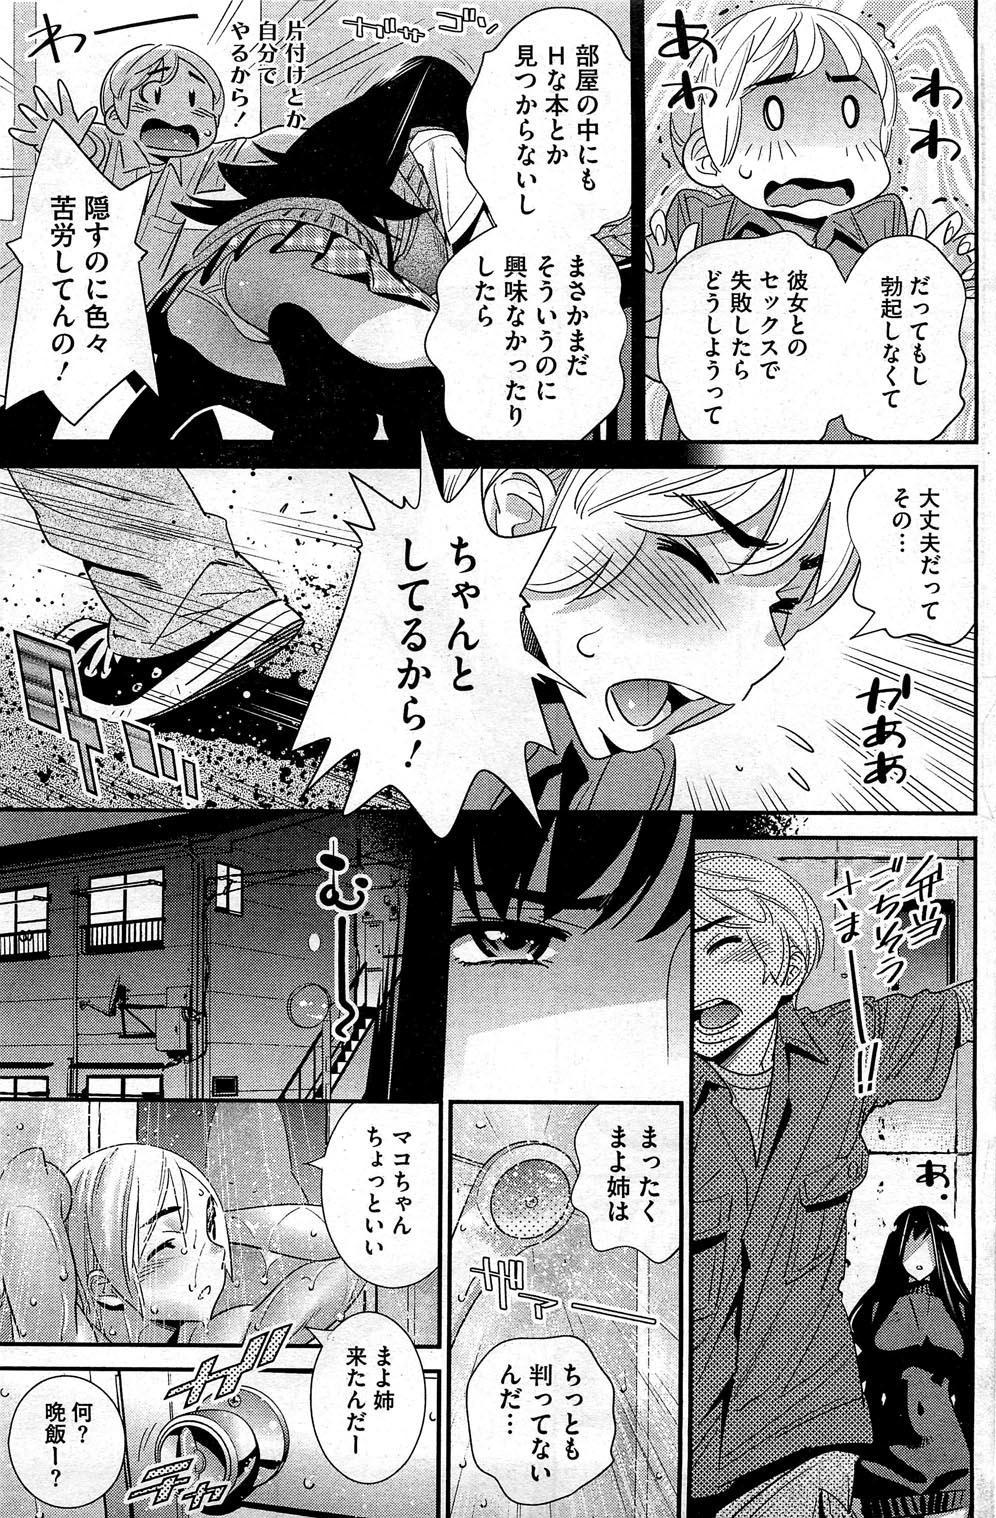 Boku no Haigorei? Ch.1-7 7